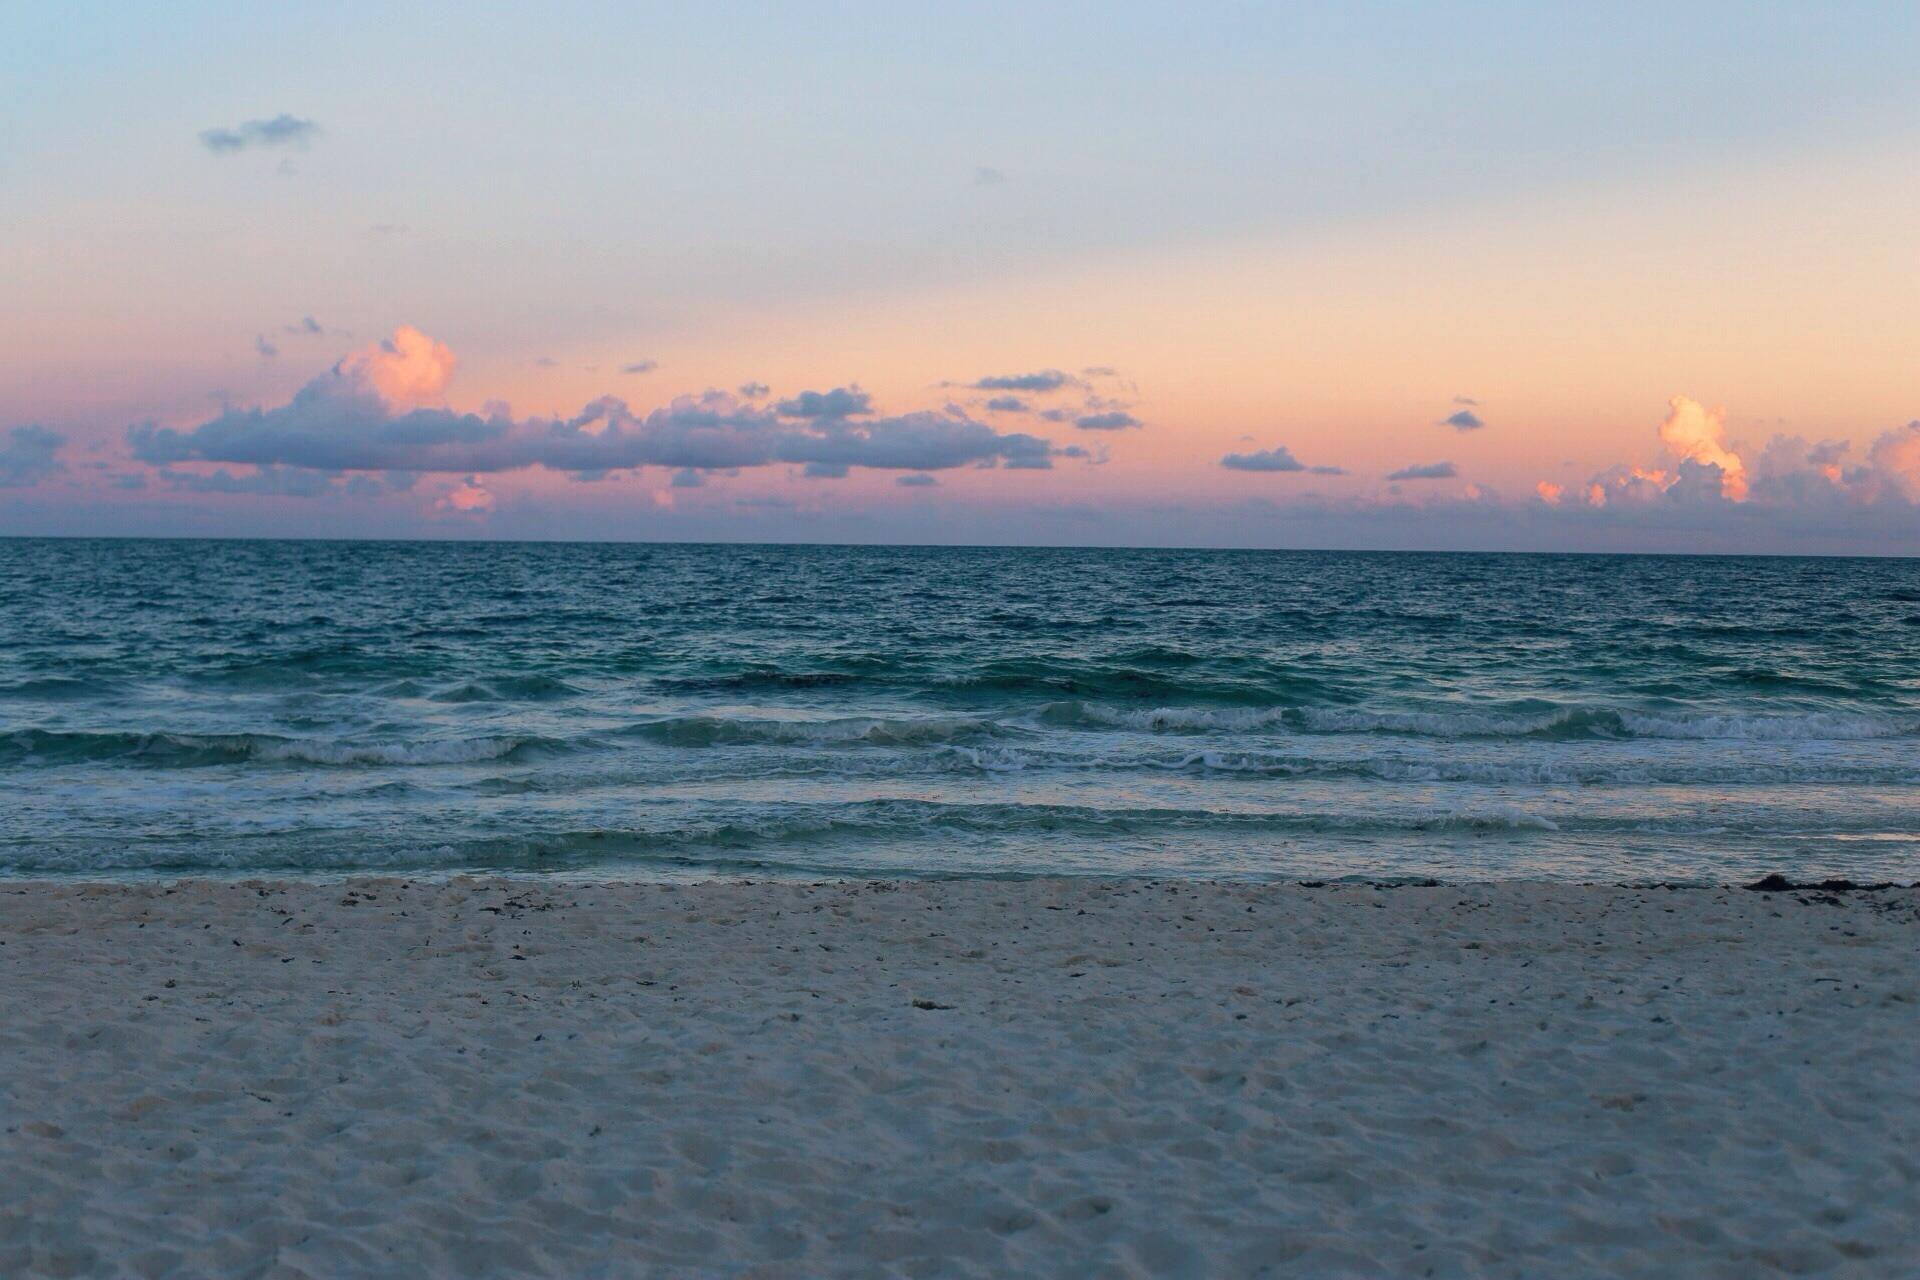 предпочитает фото открытый океан море пляж мнению многих, одинаково